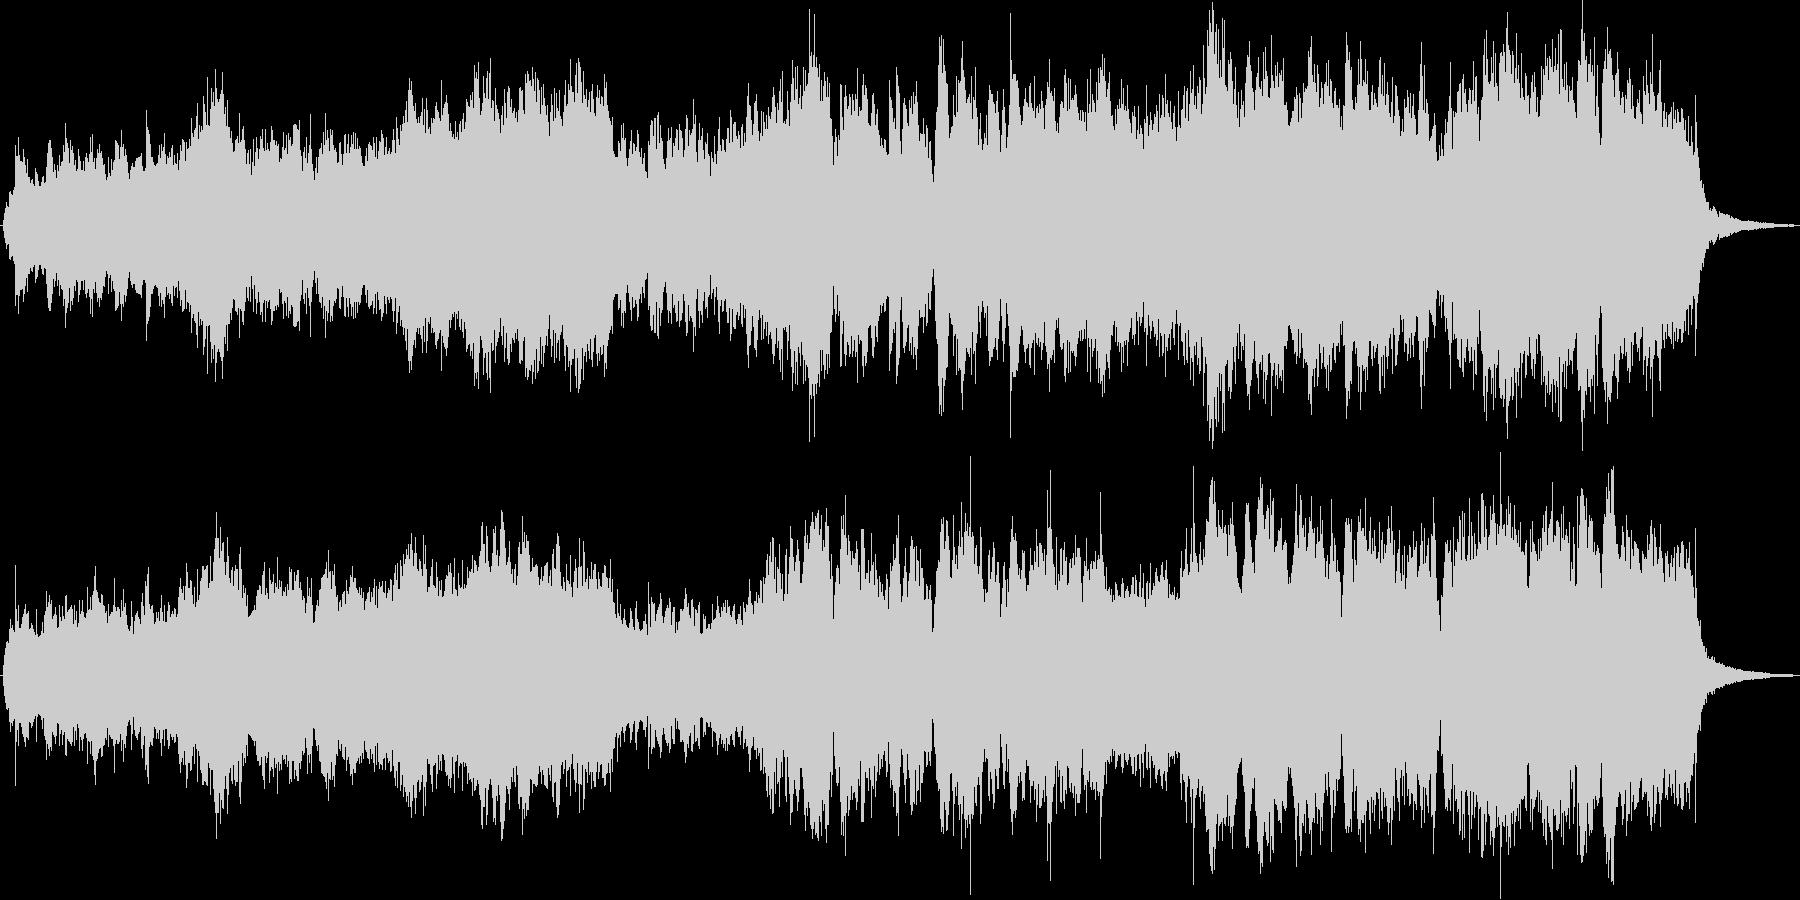 伸びやかなオーケストラ オープニングの未再生の波形